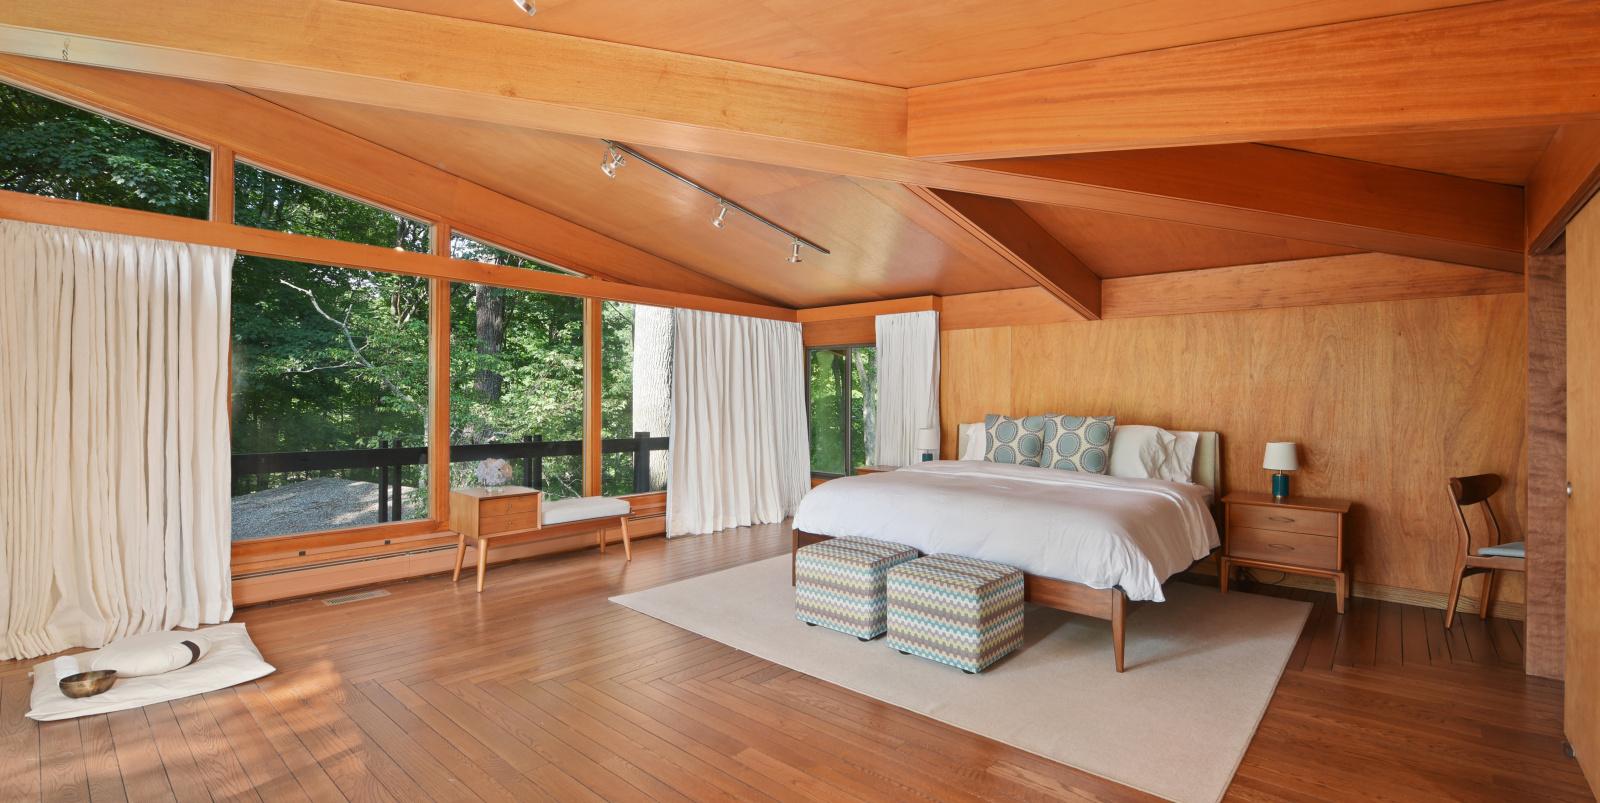 Dormitorio / Ginnel Real Estate